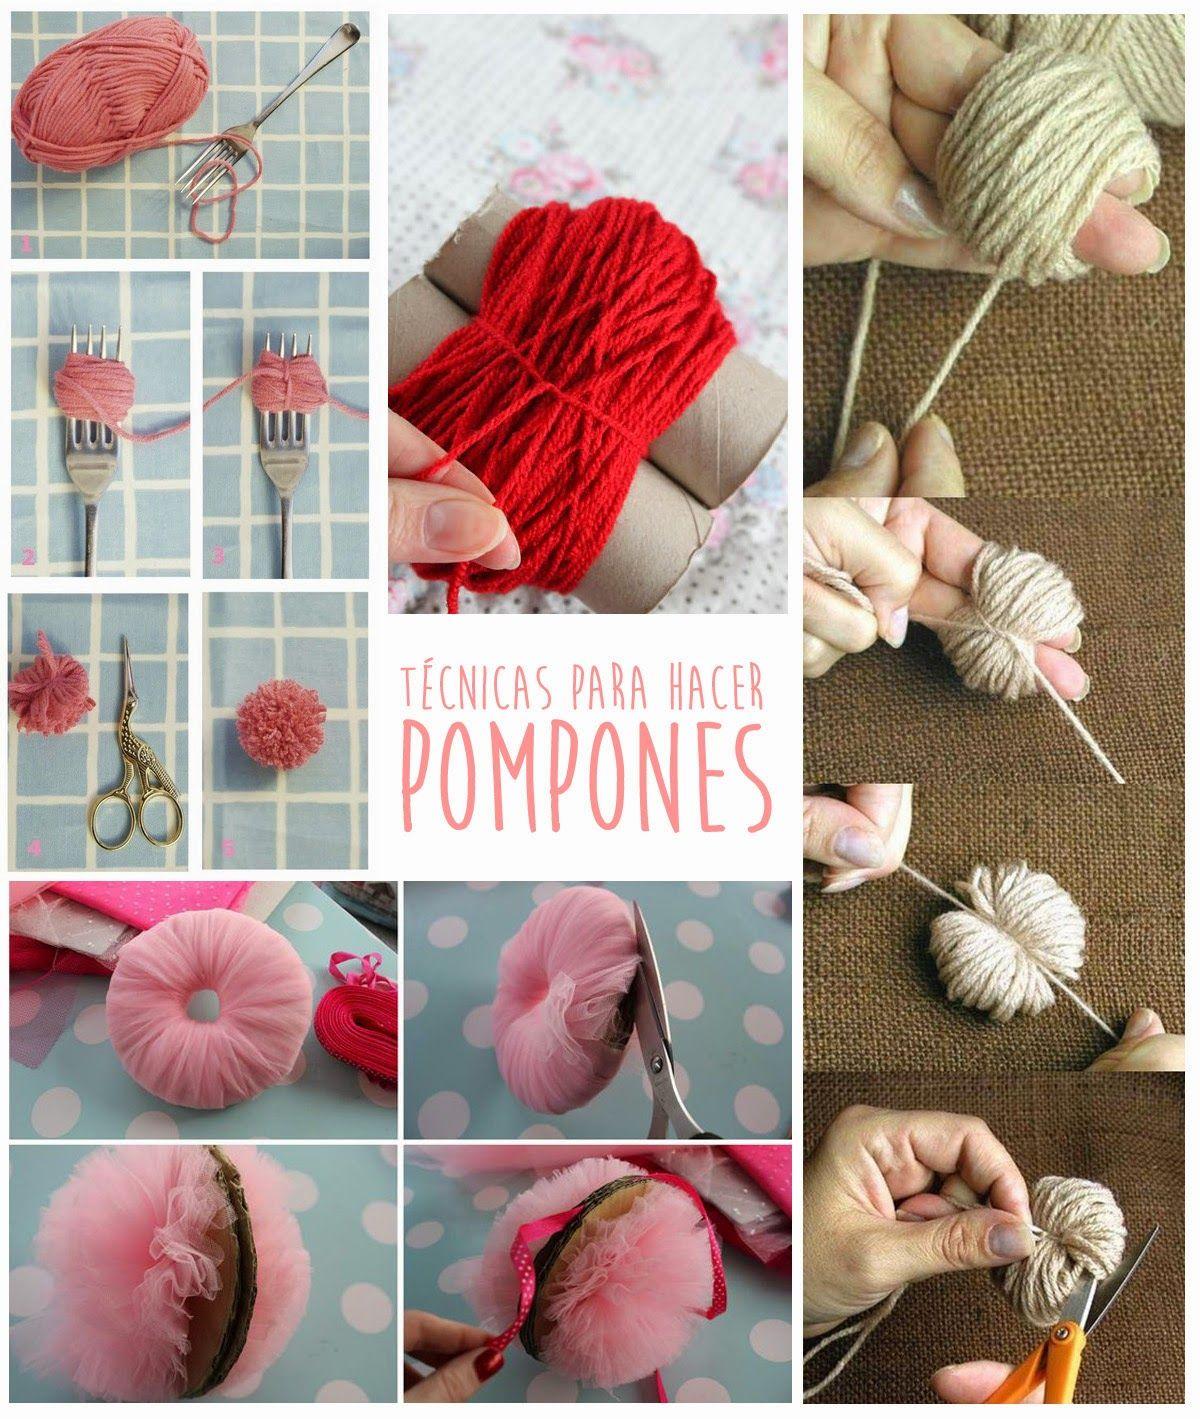 Como Hacer Munecos Con Pompones De Lana Pompones De Lana Pompones Ponpones De Lana